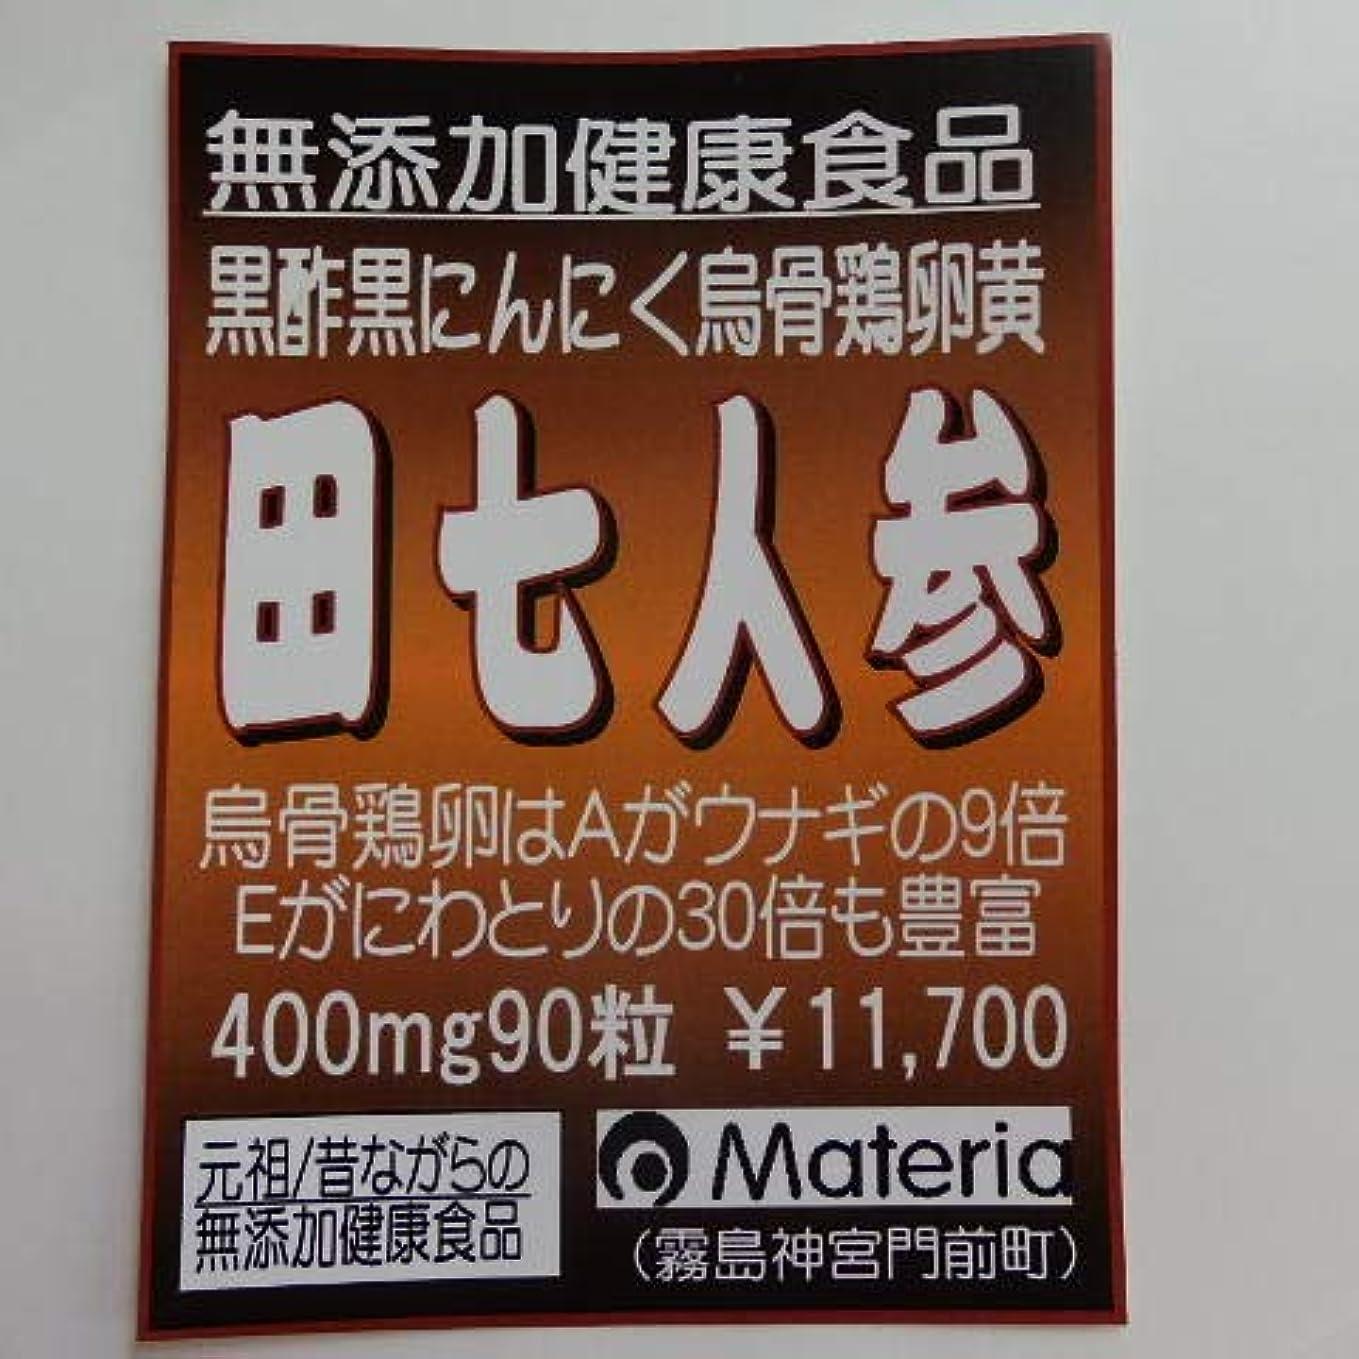 シャット情緒的フロー無添加健康食品/黒酢黒にんにく烏骨鶏卵黄/田七人参(90粒)90日分¥11,700